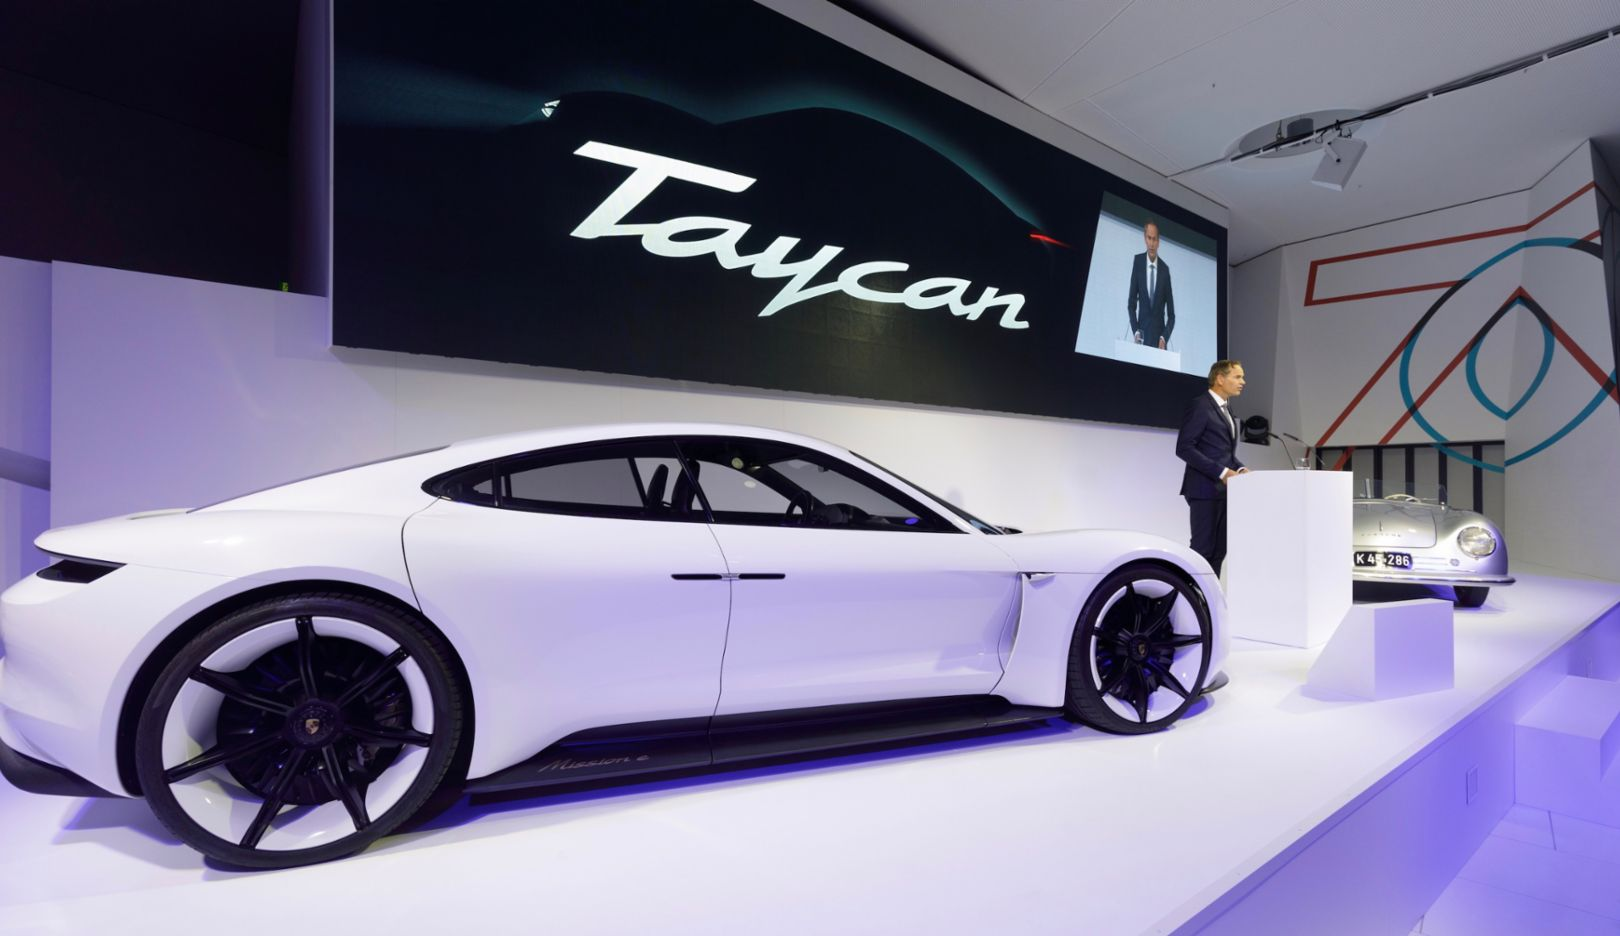 """Oliver Blume, Porsche Taycan, Porsche 356, Ceremonial opening """"70 Years Porsche Sportscar"""", 2018, Porsche AG"""